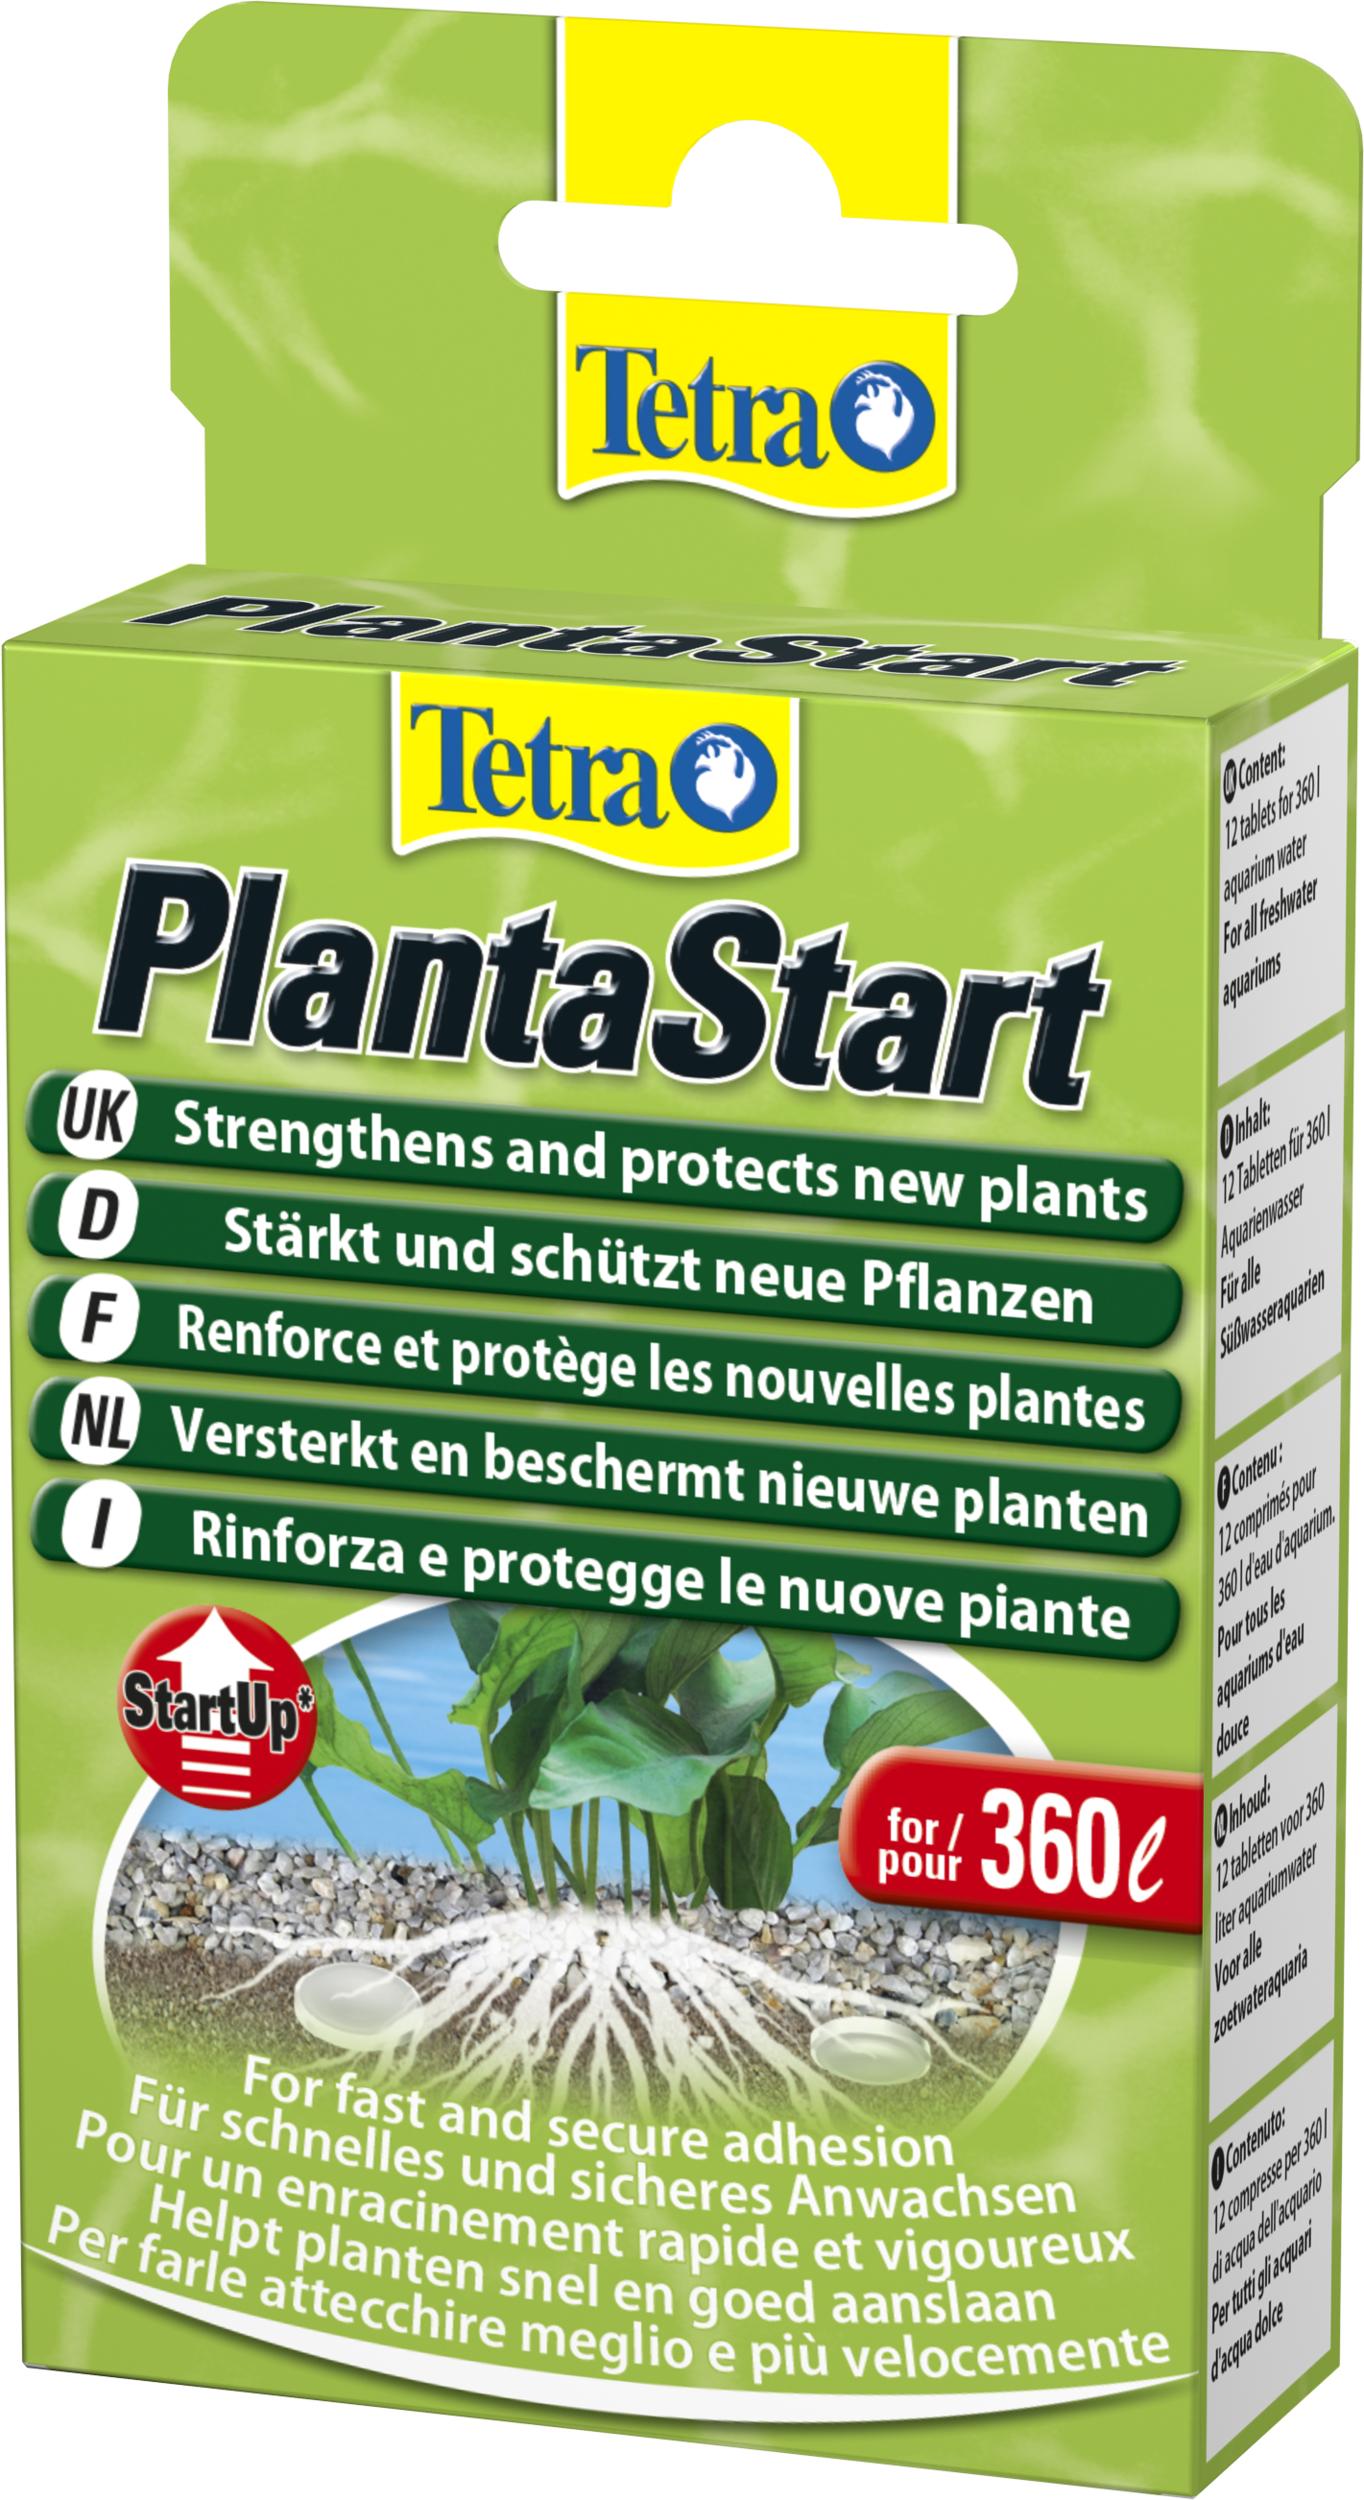 TETRA PlantaStart 20 comprimés fertilisant spécial pour nouvelles plantes